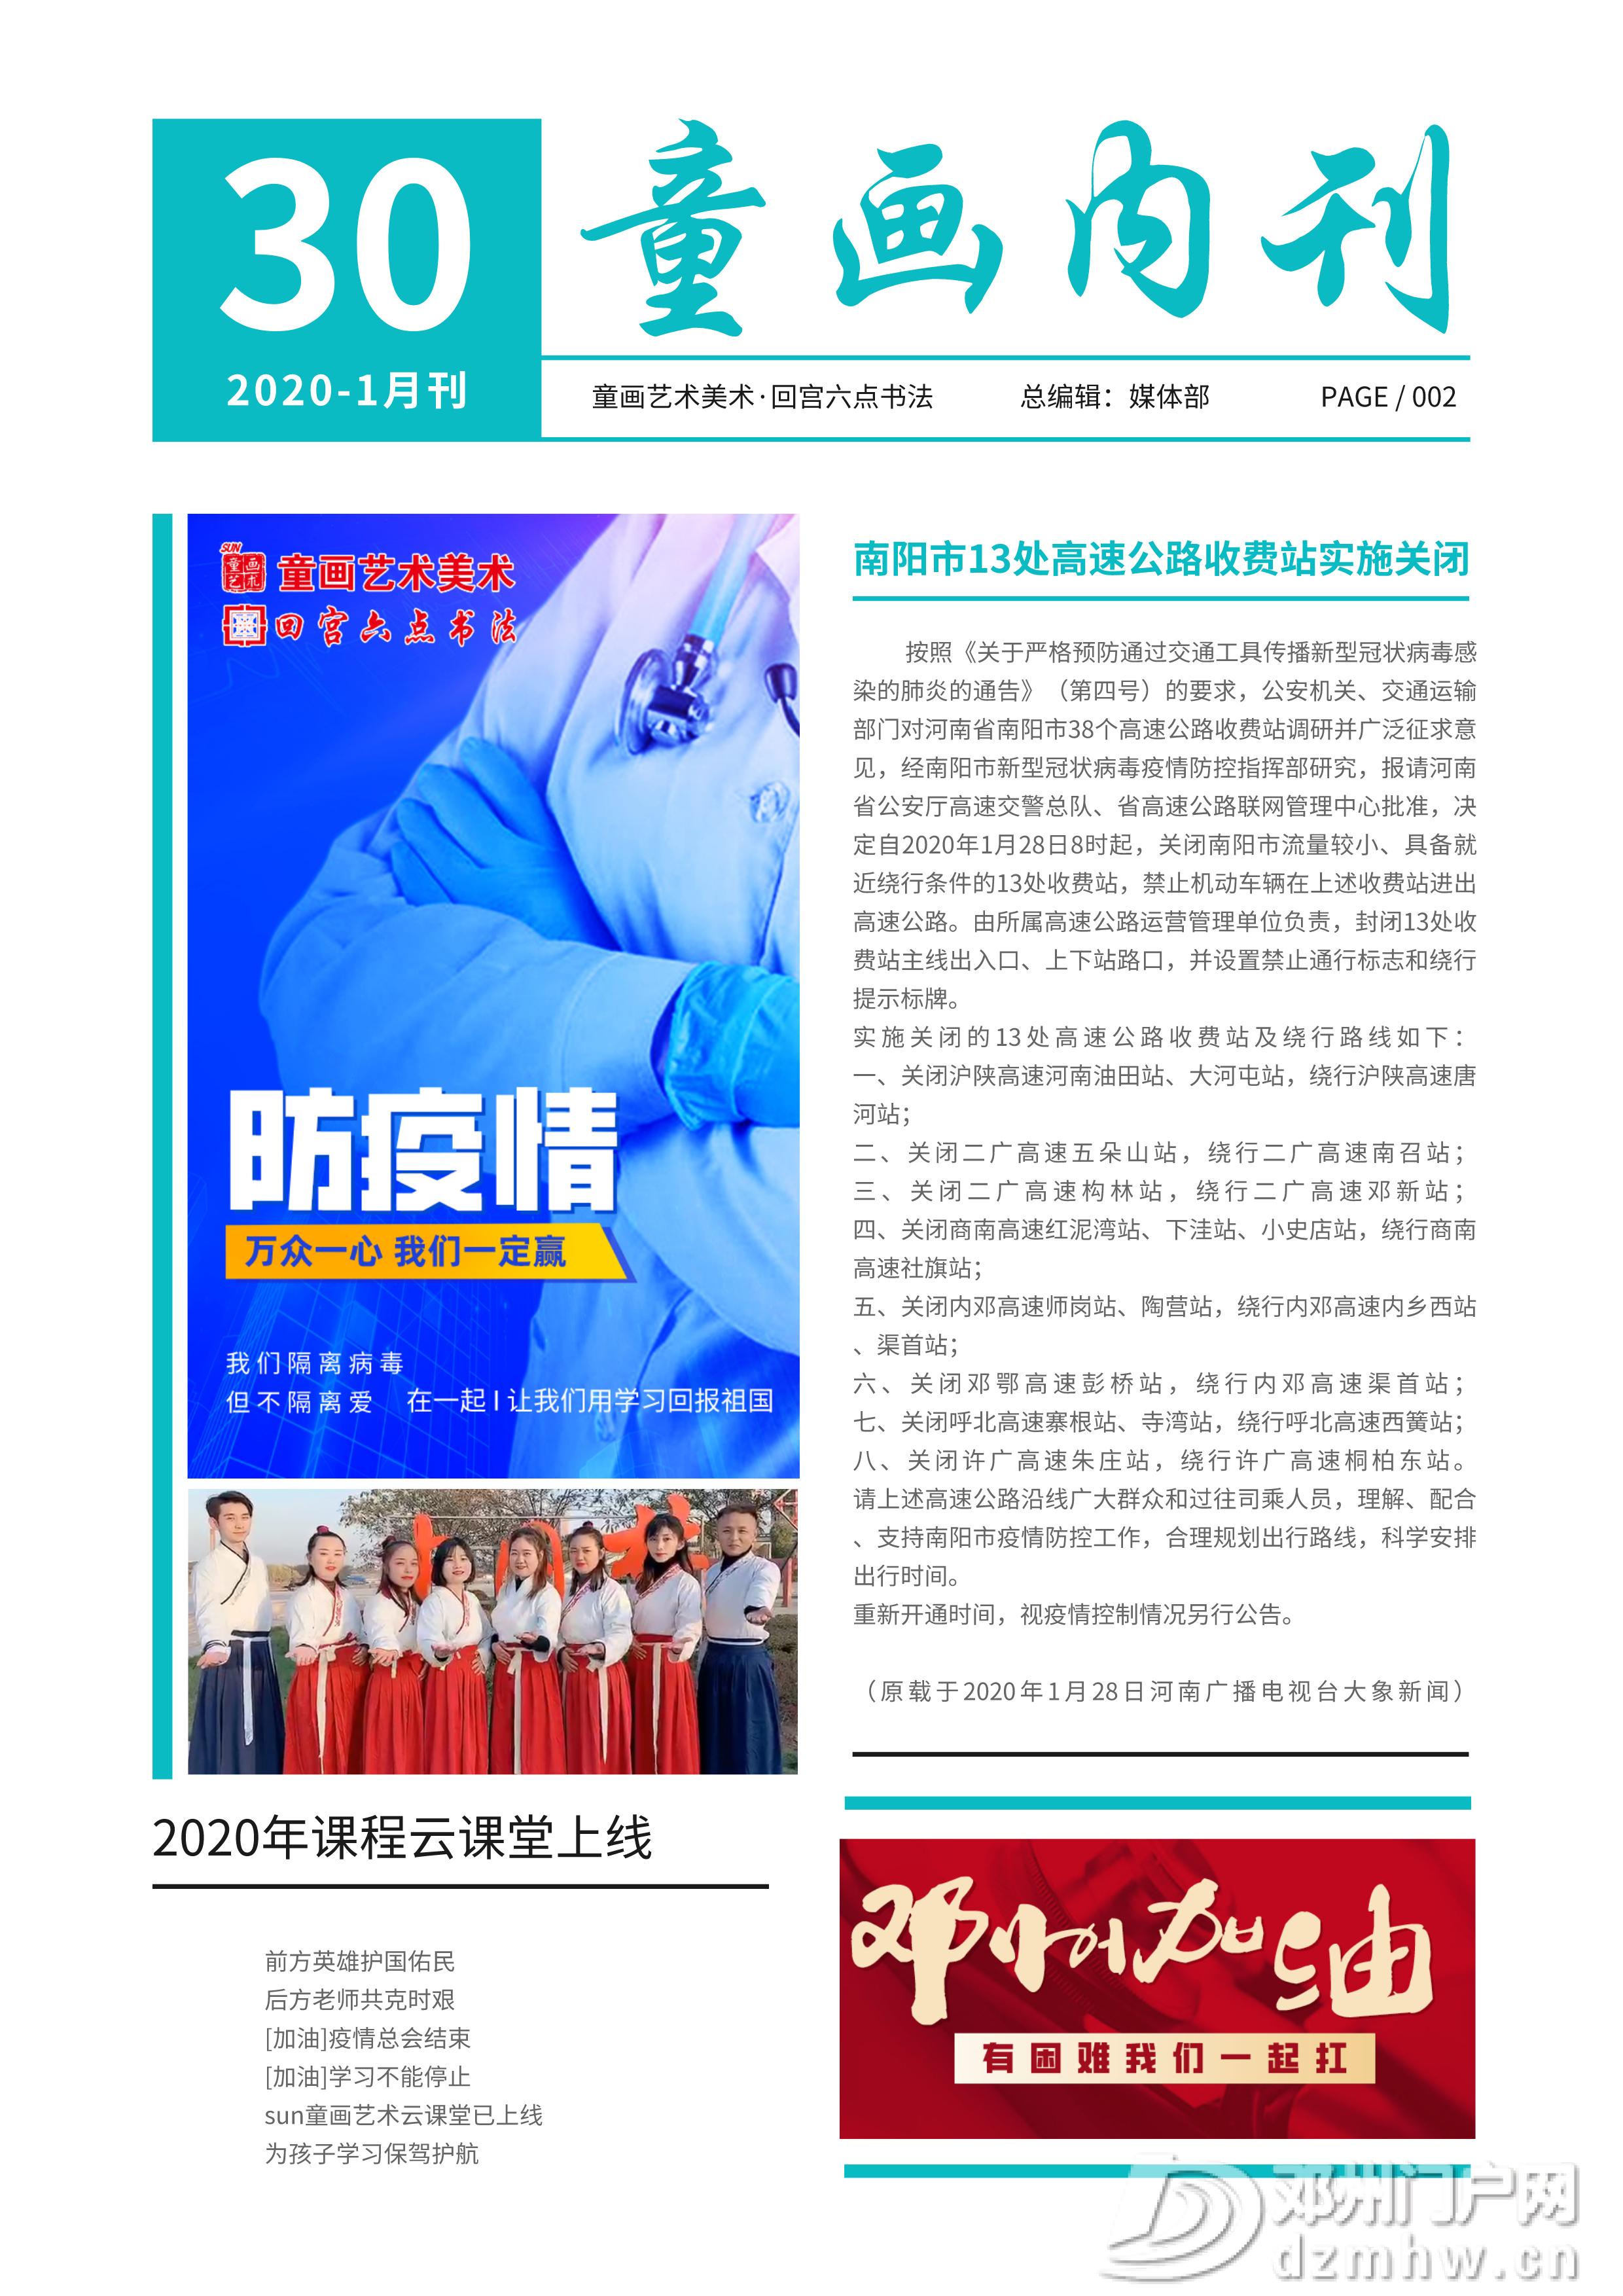 在一起——让我们用学习回报祖国 - 邓州门户网|邓州网 - 2